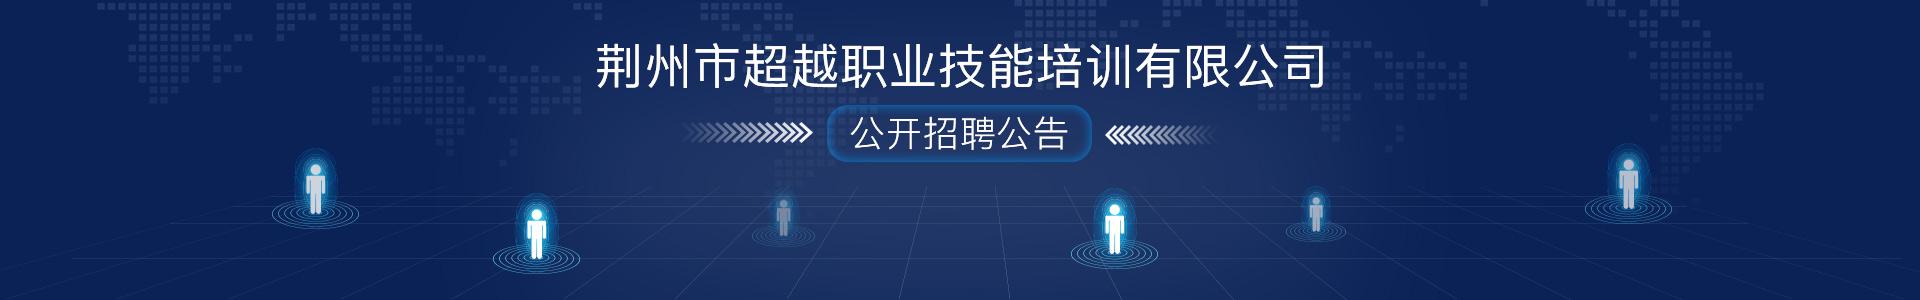 荆州市超越职业技能培训有限公司公开招聘公告